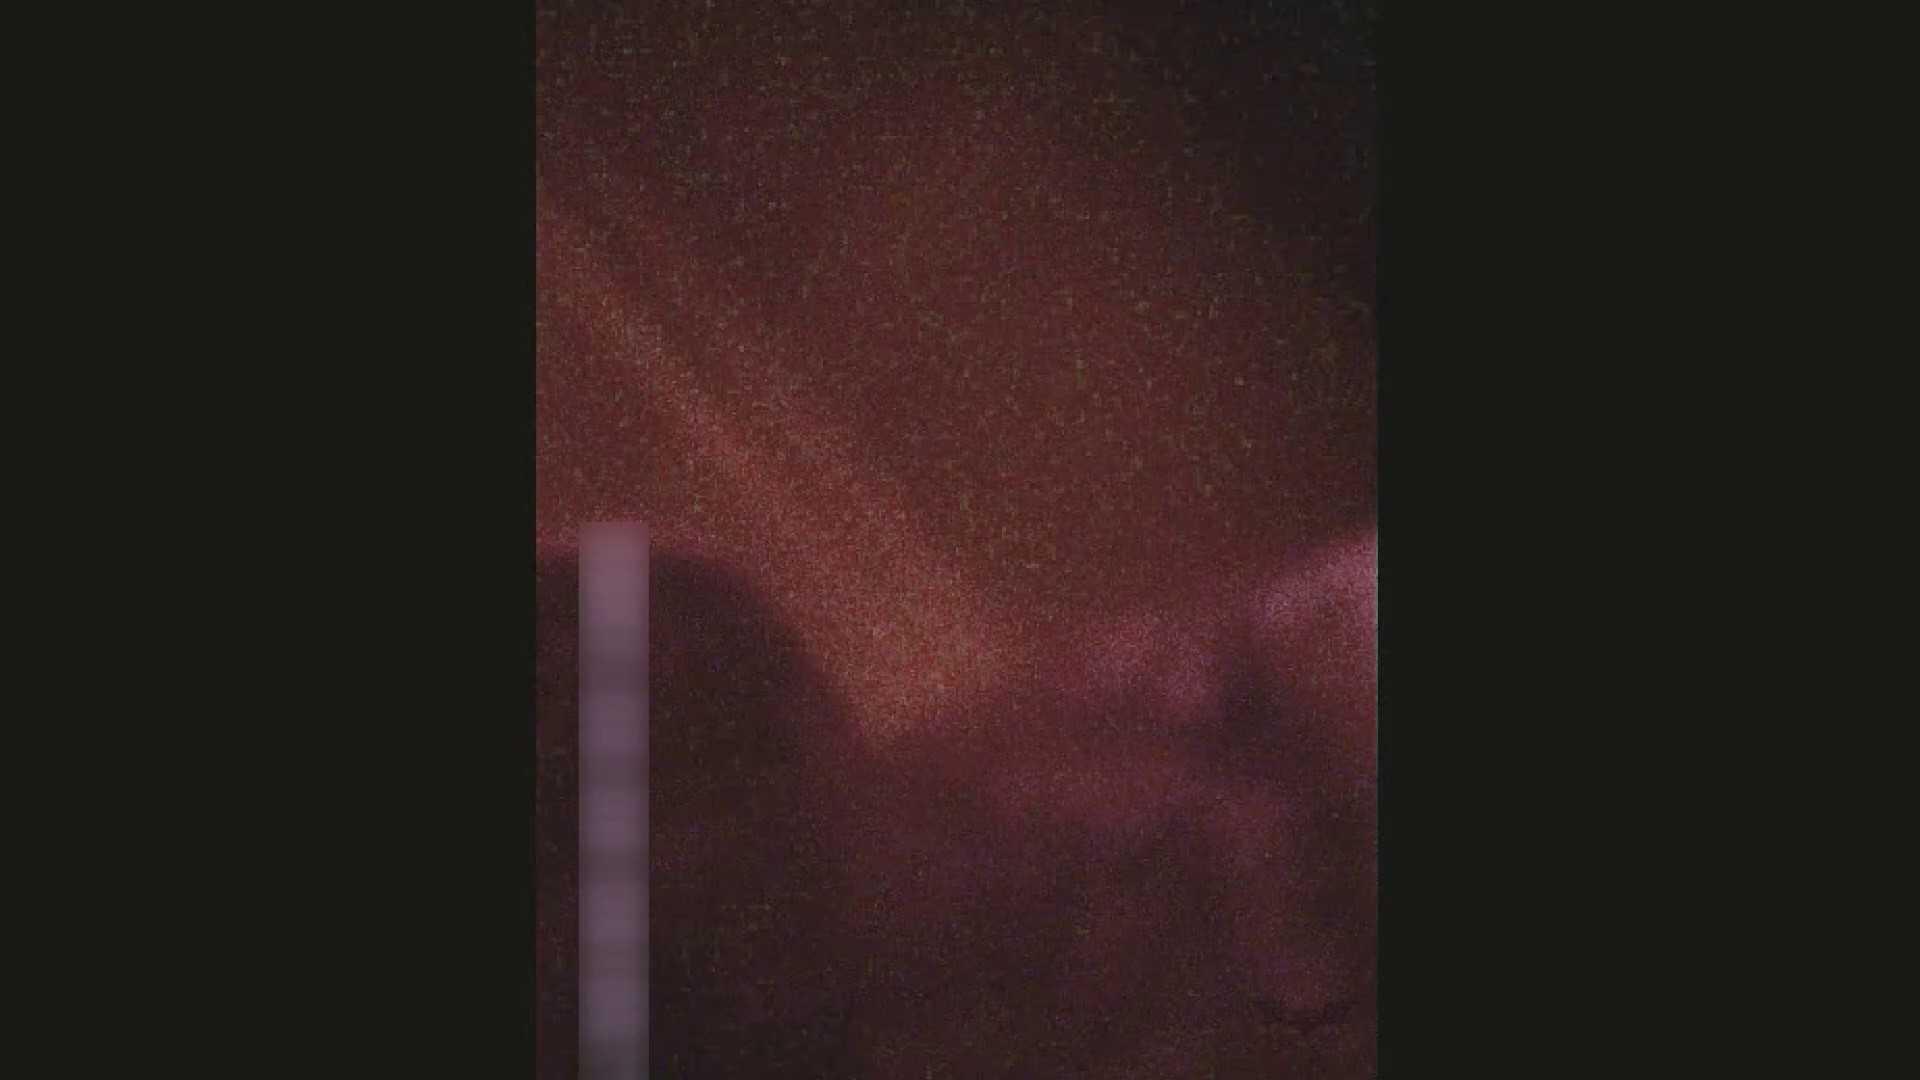 おまんこ:榮倉奈々 似!!激カワ ときめきチャン Vol.34 脱衣編:怪盗ジョーカー